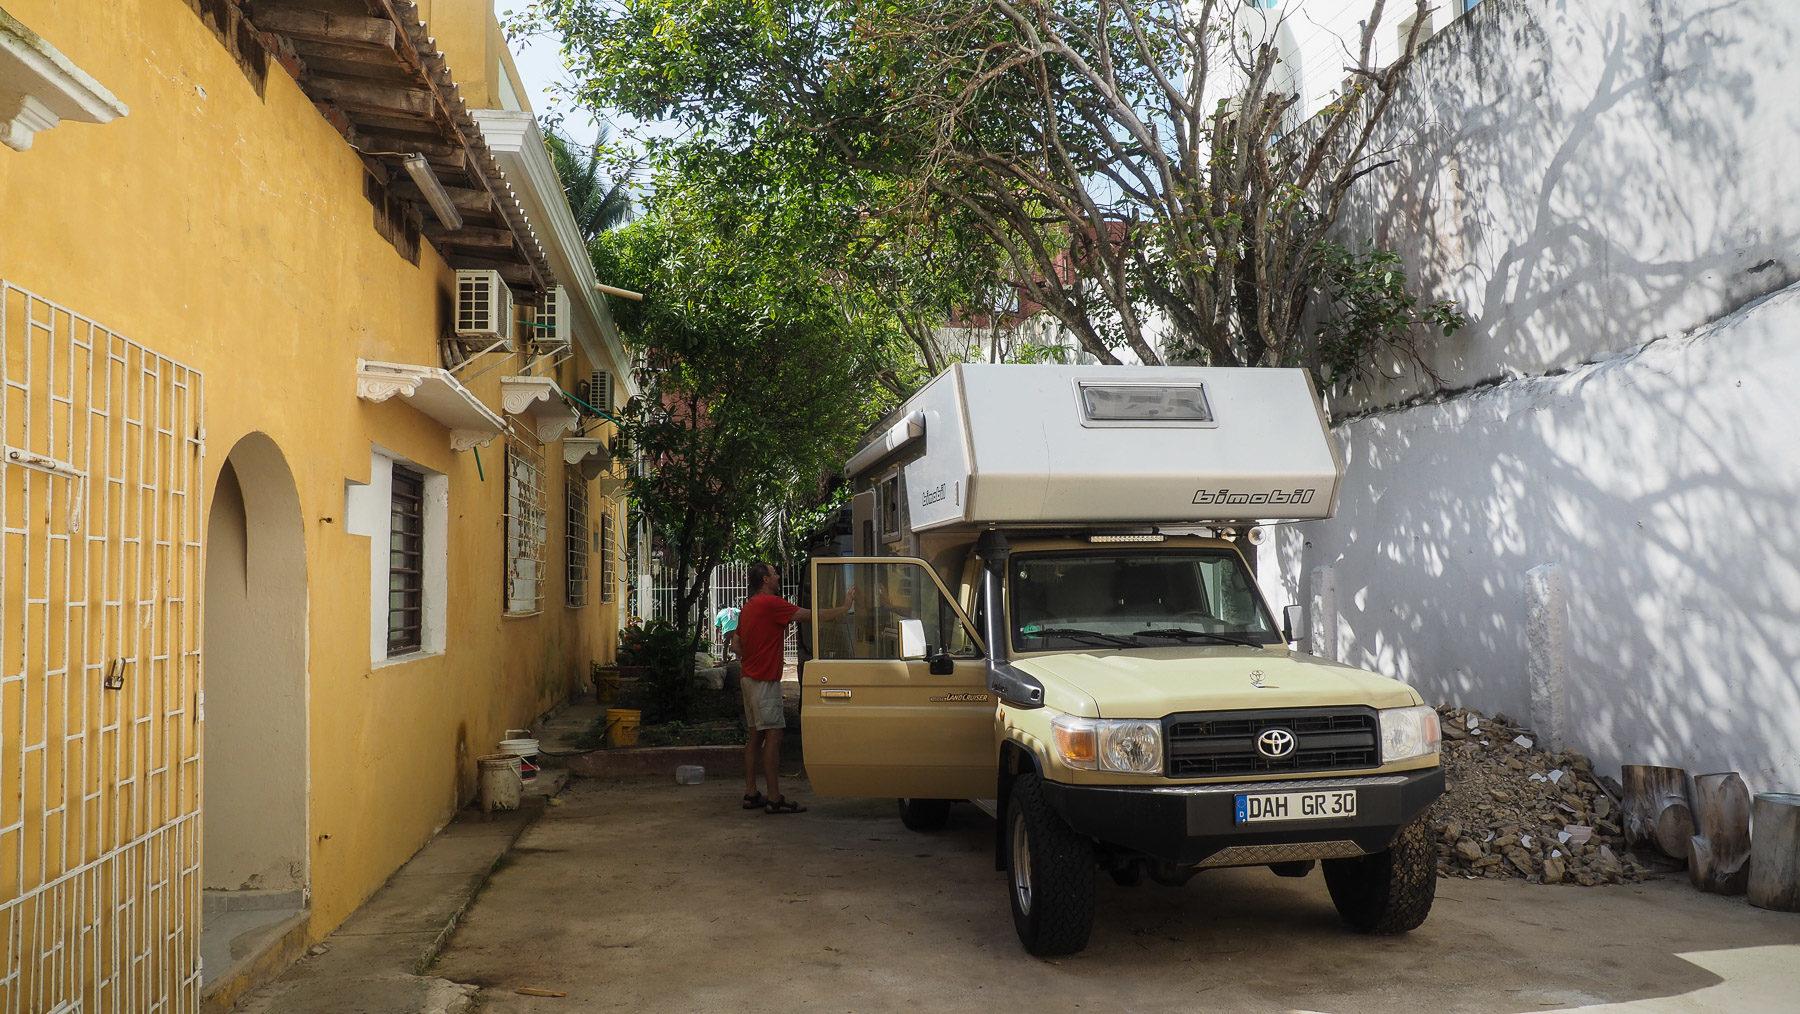 Nach insgesamt vier Wochen in Hotelzimmern sind wir froh in Richtung Berge und frischer Luft aufbrechen zu können